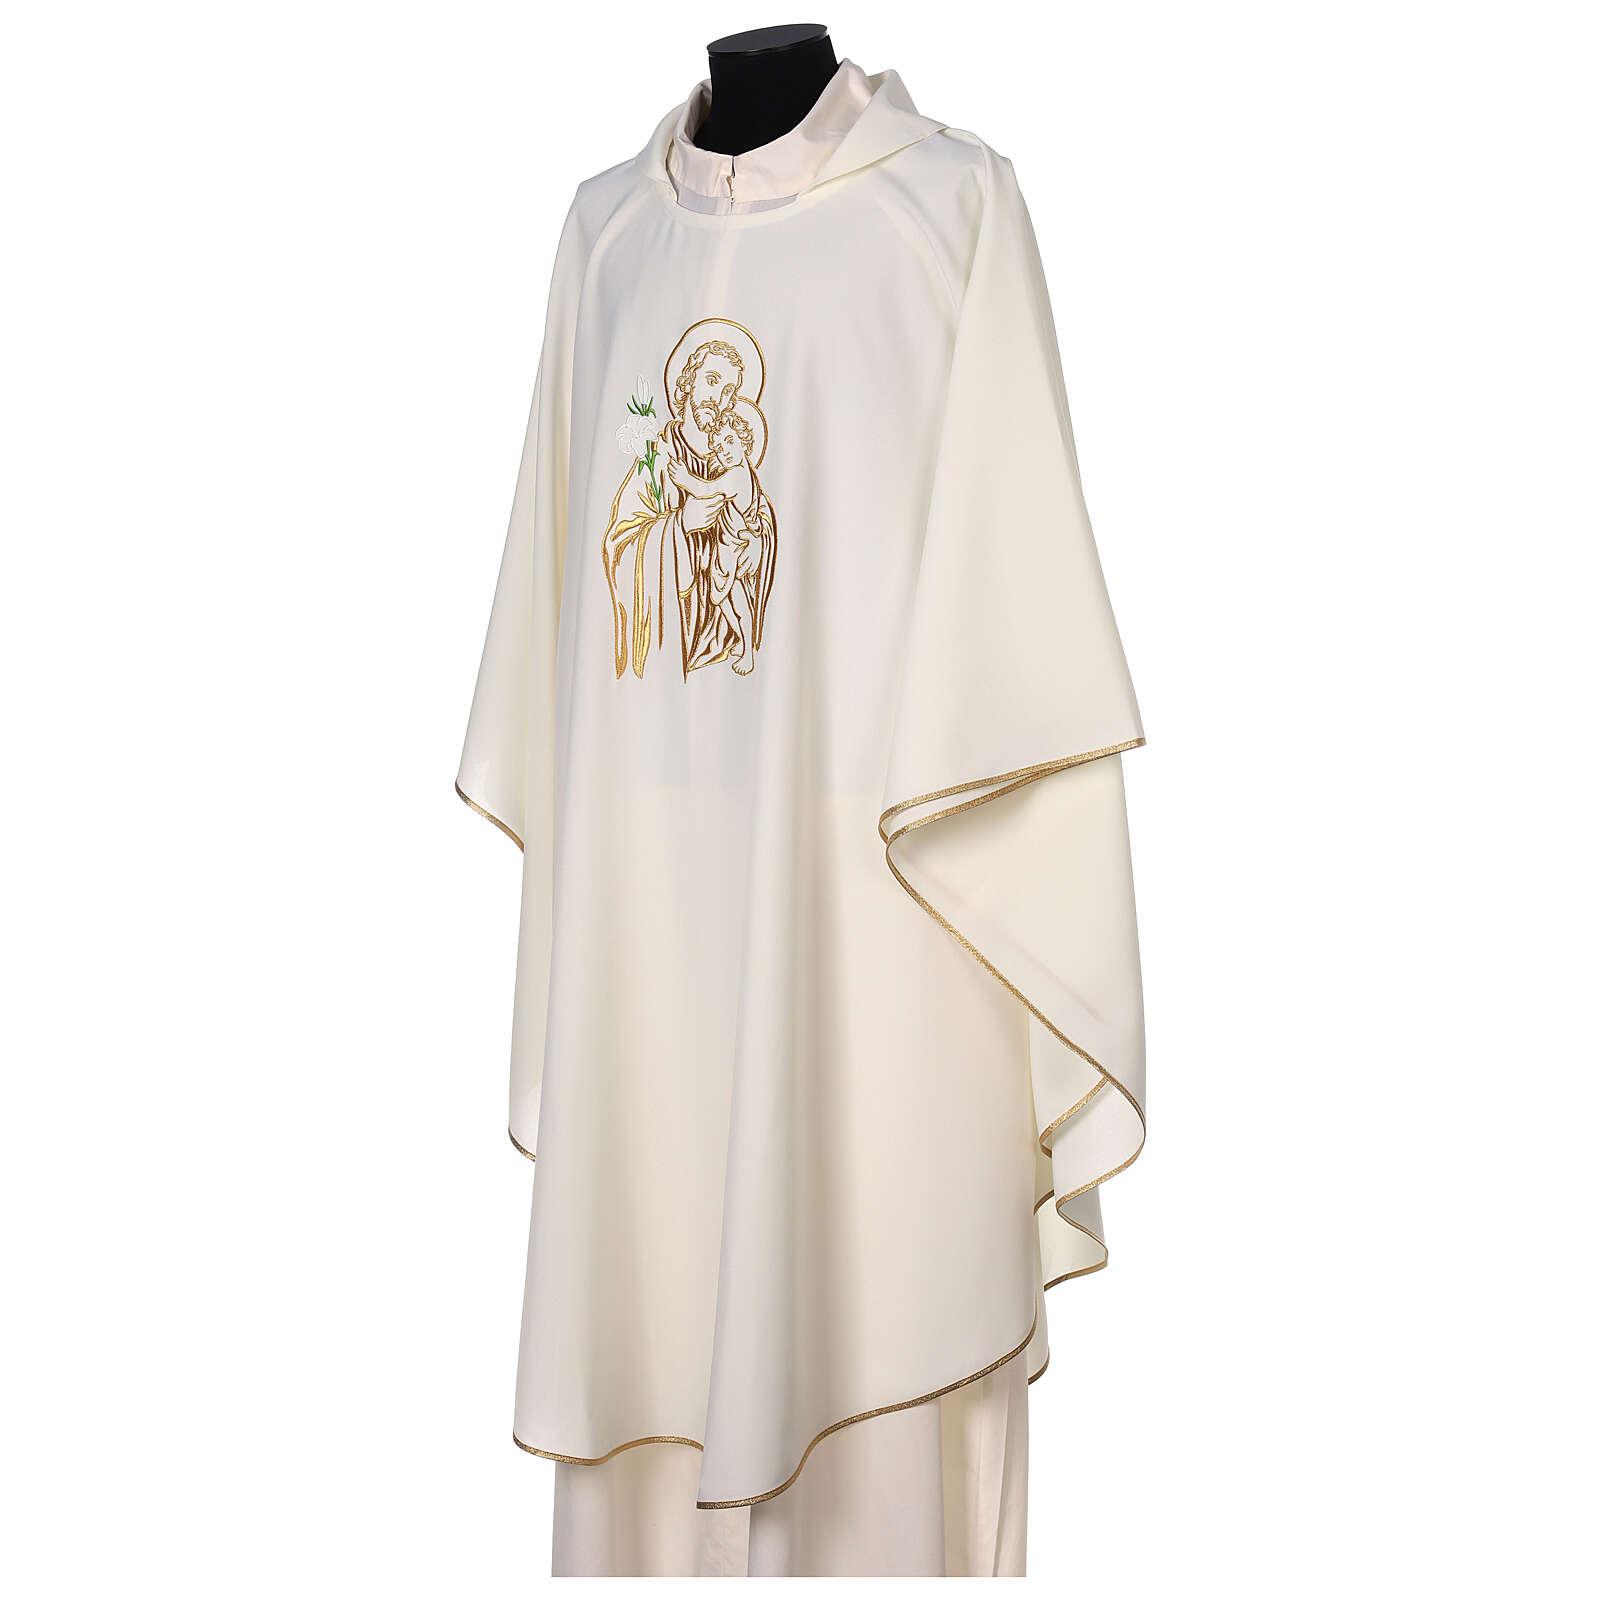 Gesticktes Messgewand mit Sankt Joseph aus 100% Polyester in liturgischen Farben 4